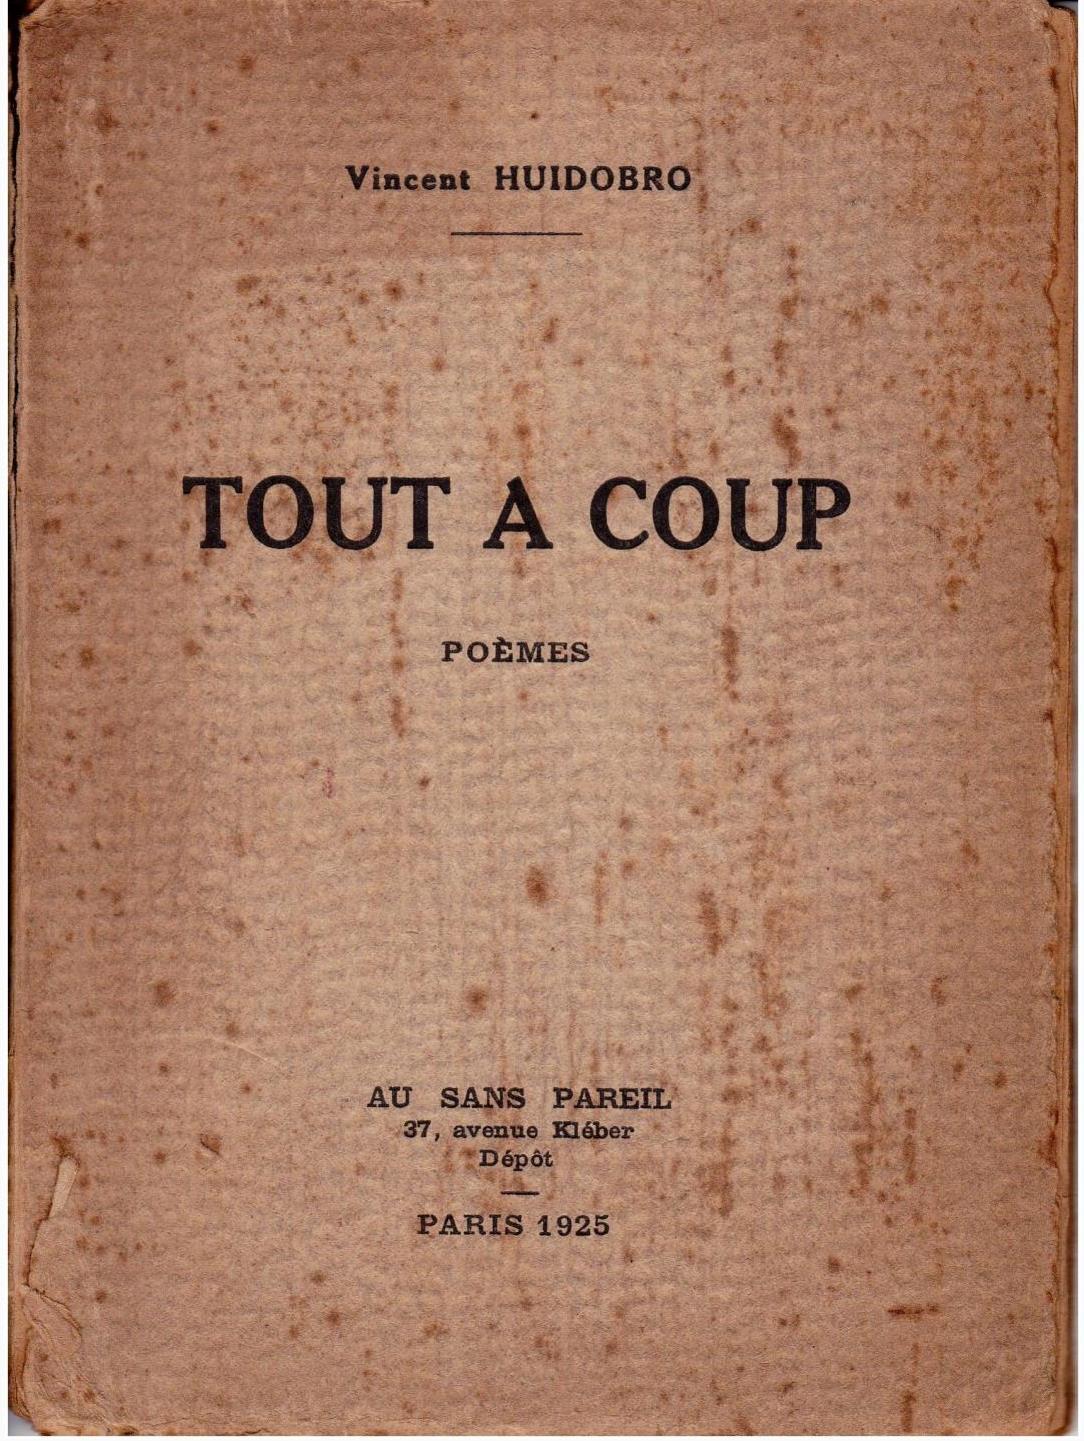 Portada de Tout à coup (1925).